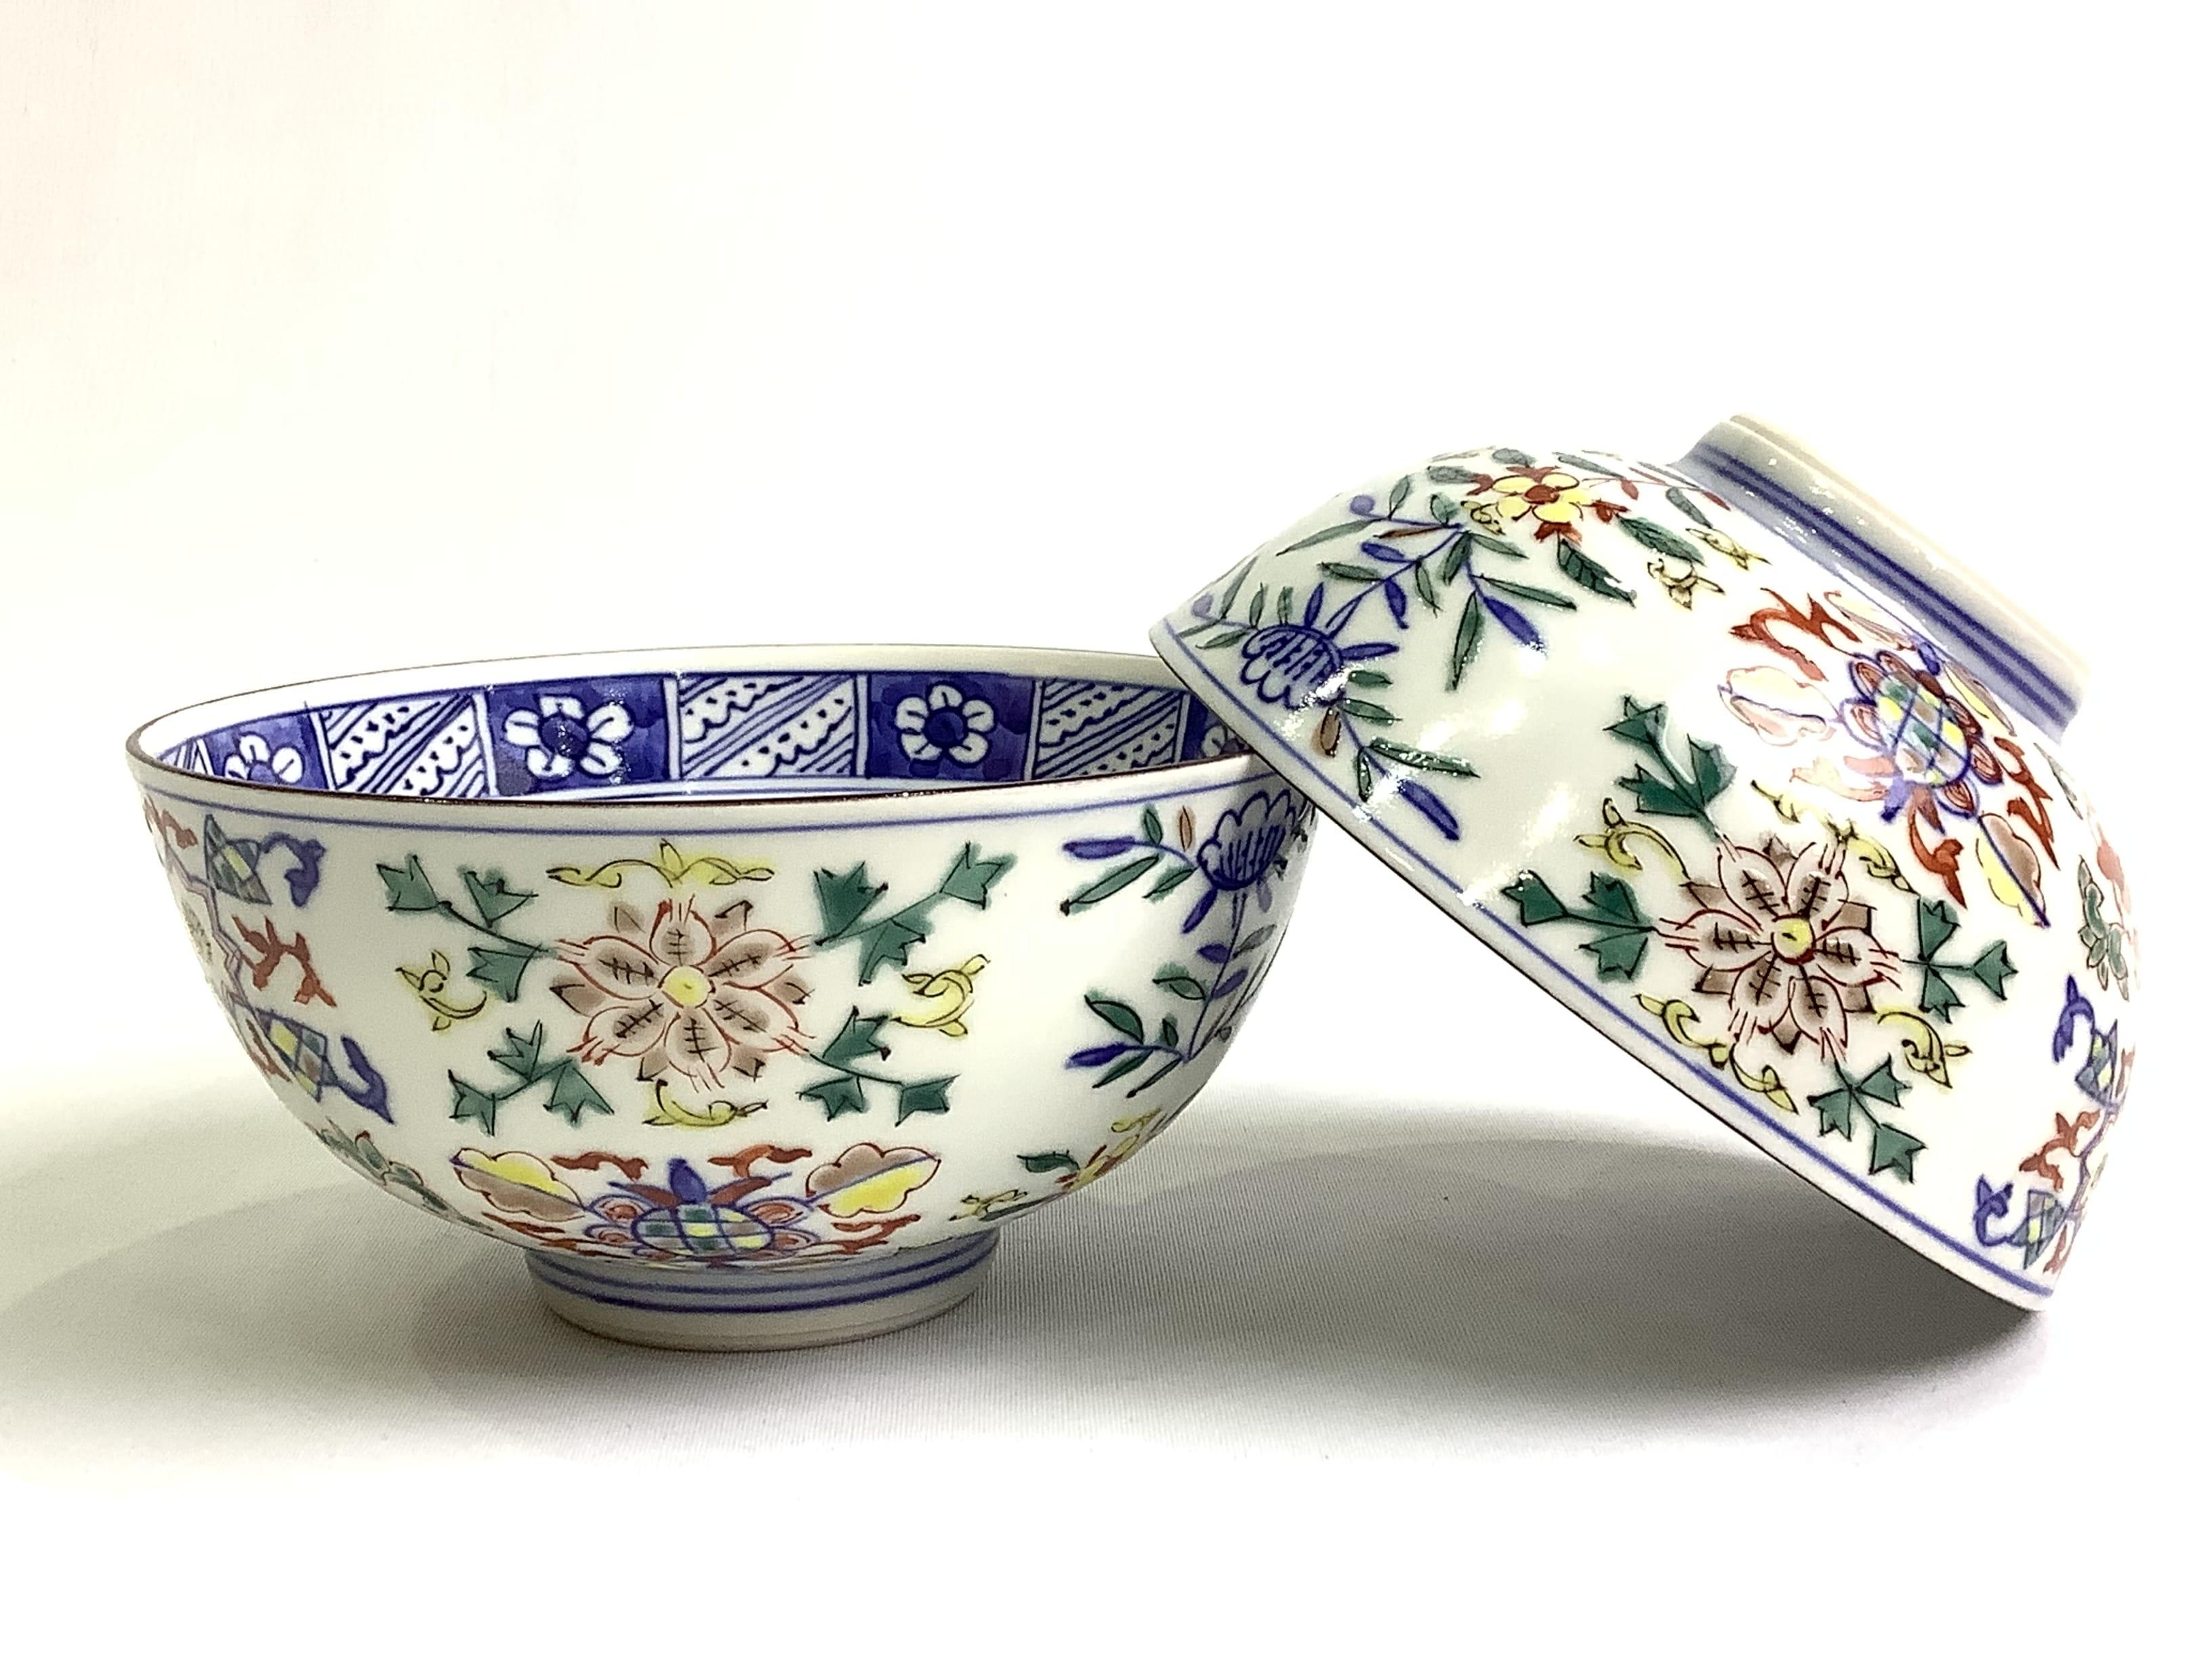 高級 作家物 日本製 伝統工芸品 京焼・清水焼 矢野正三(碧黄石窯) 花尽し組飯碗